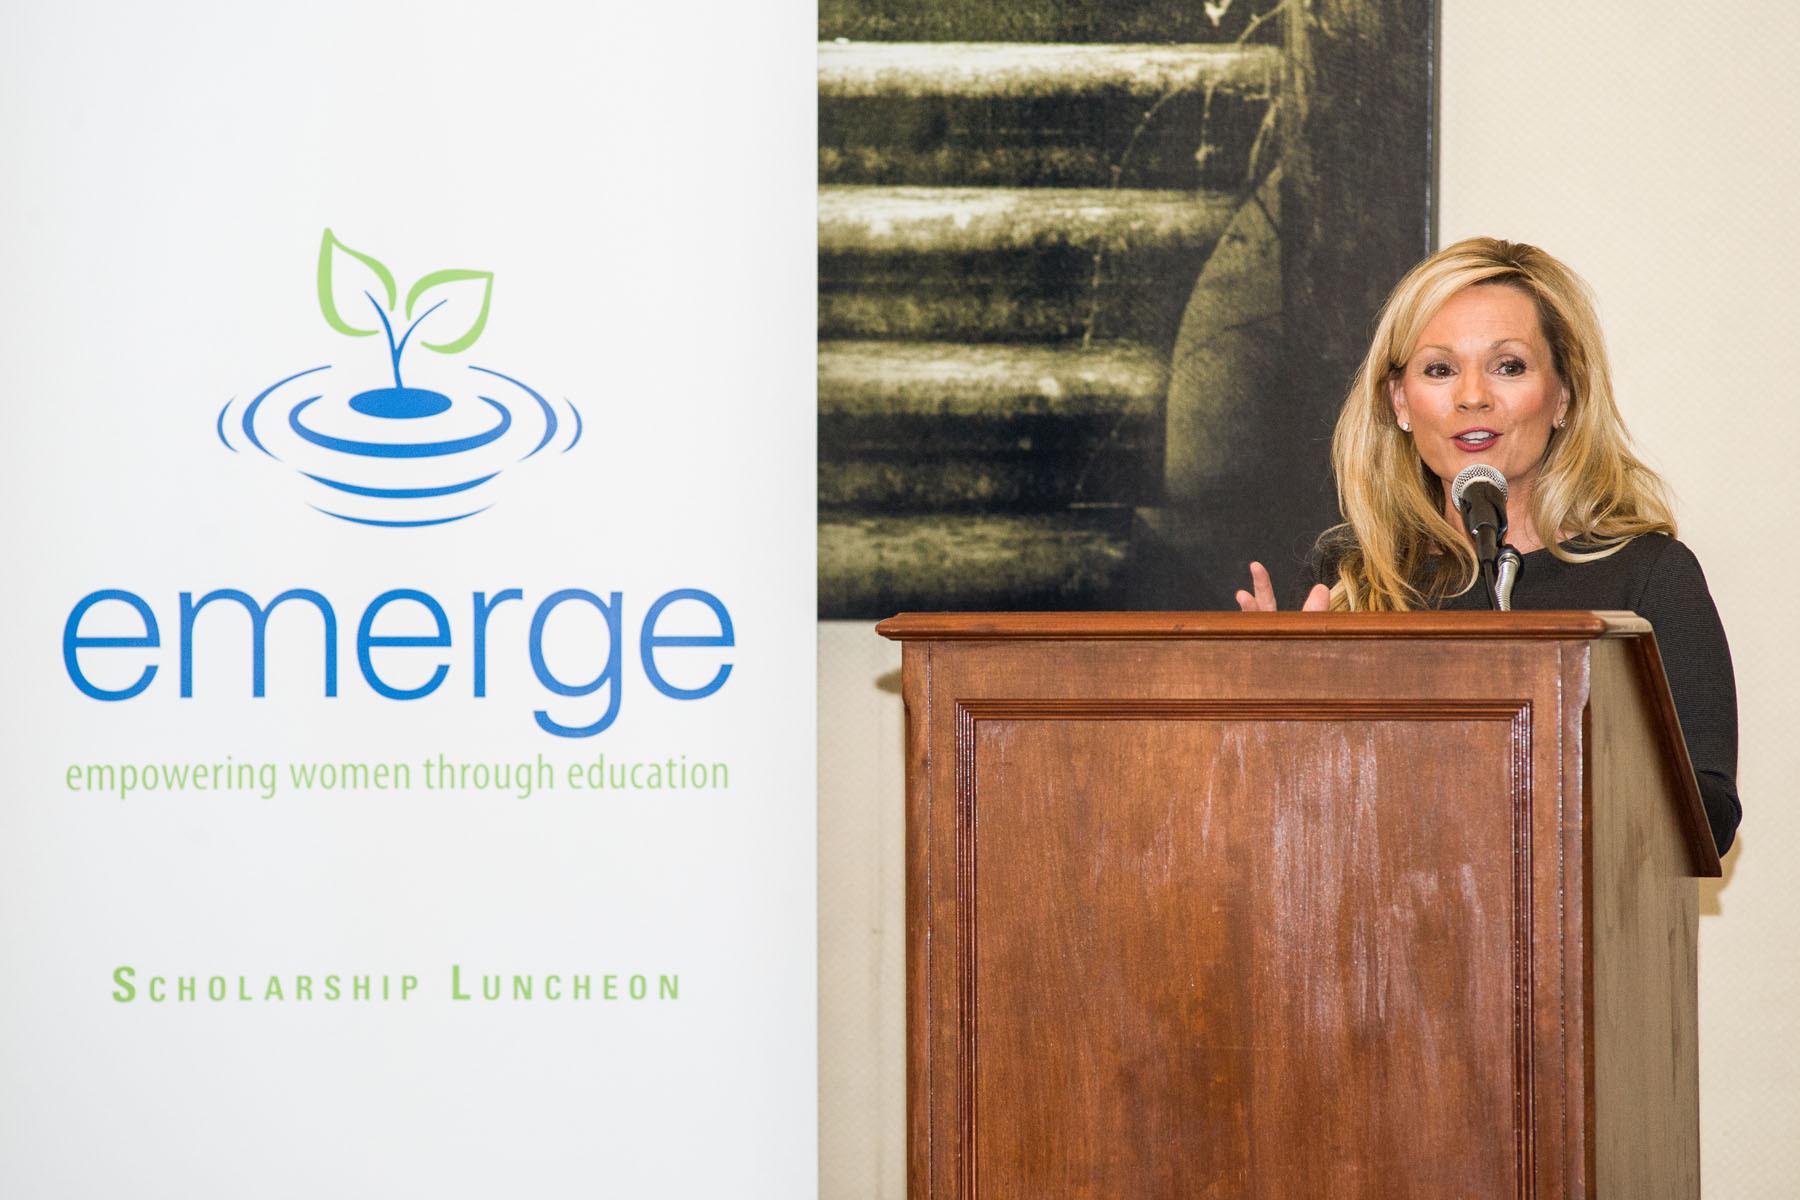 Emerge Scholarship Luncheon